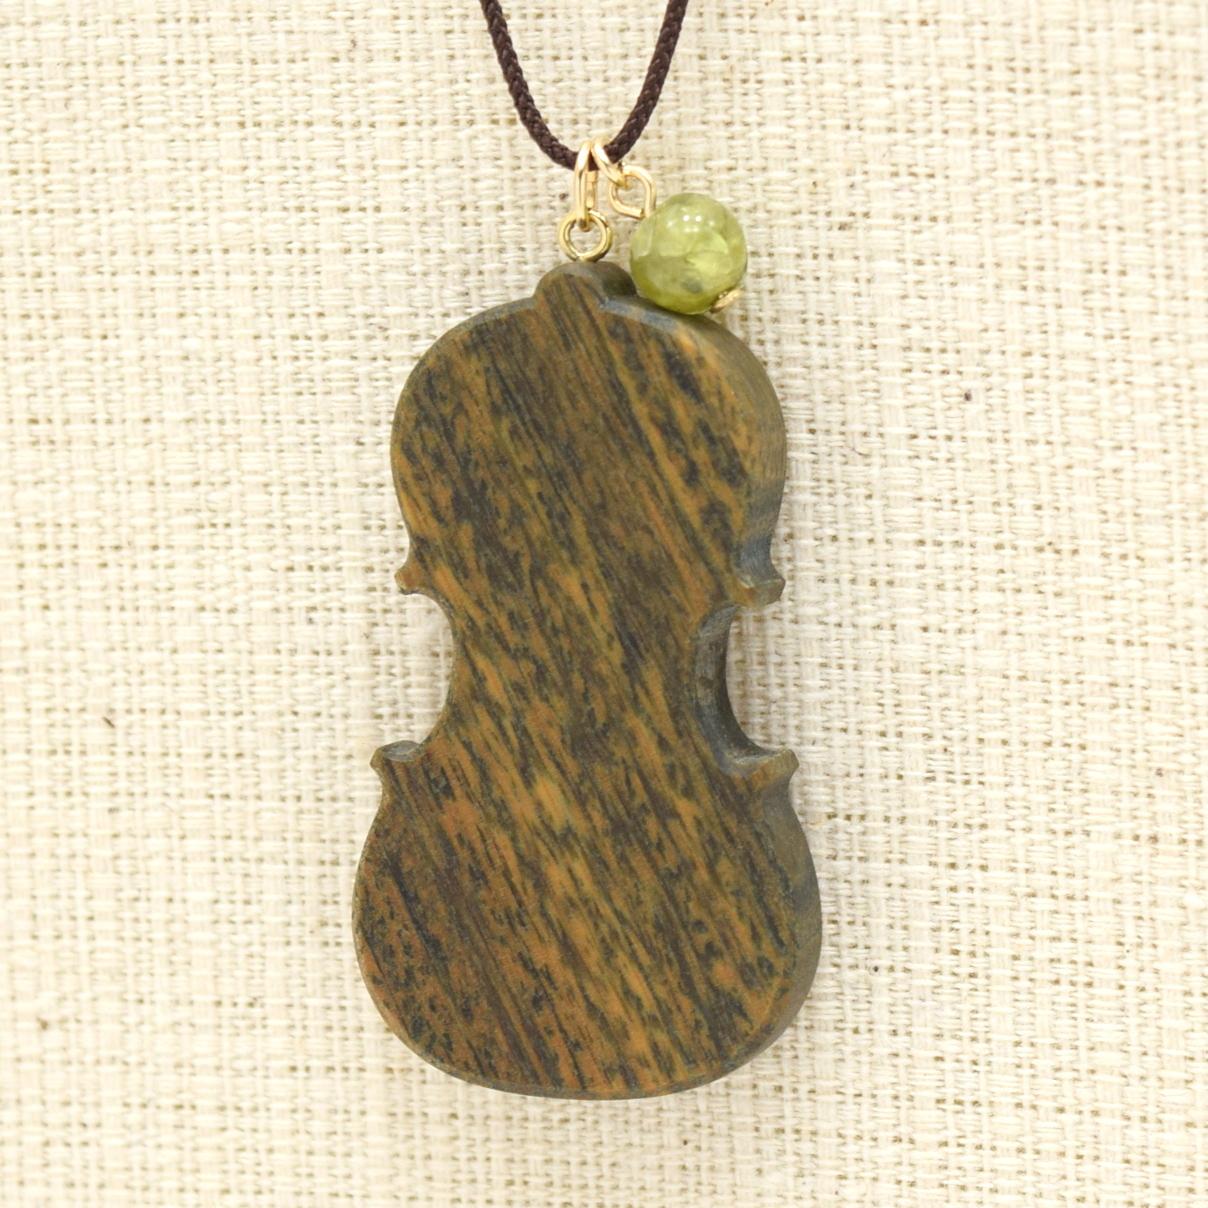 『ヴァイオリン/パロサント/ペリドット』木の宝石ペンダント【ゴールドフィルド】